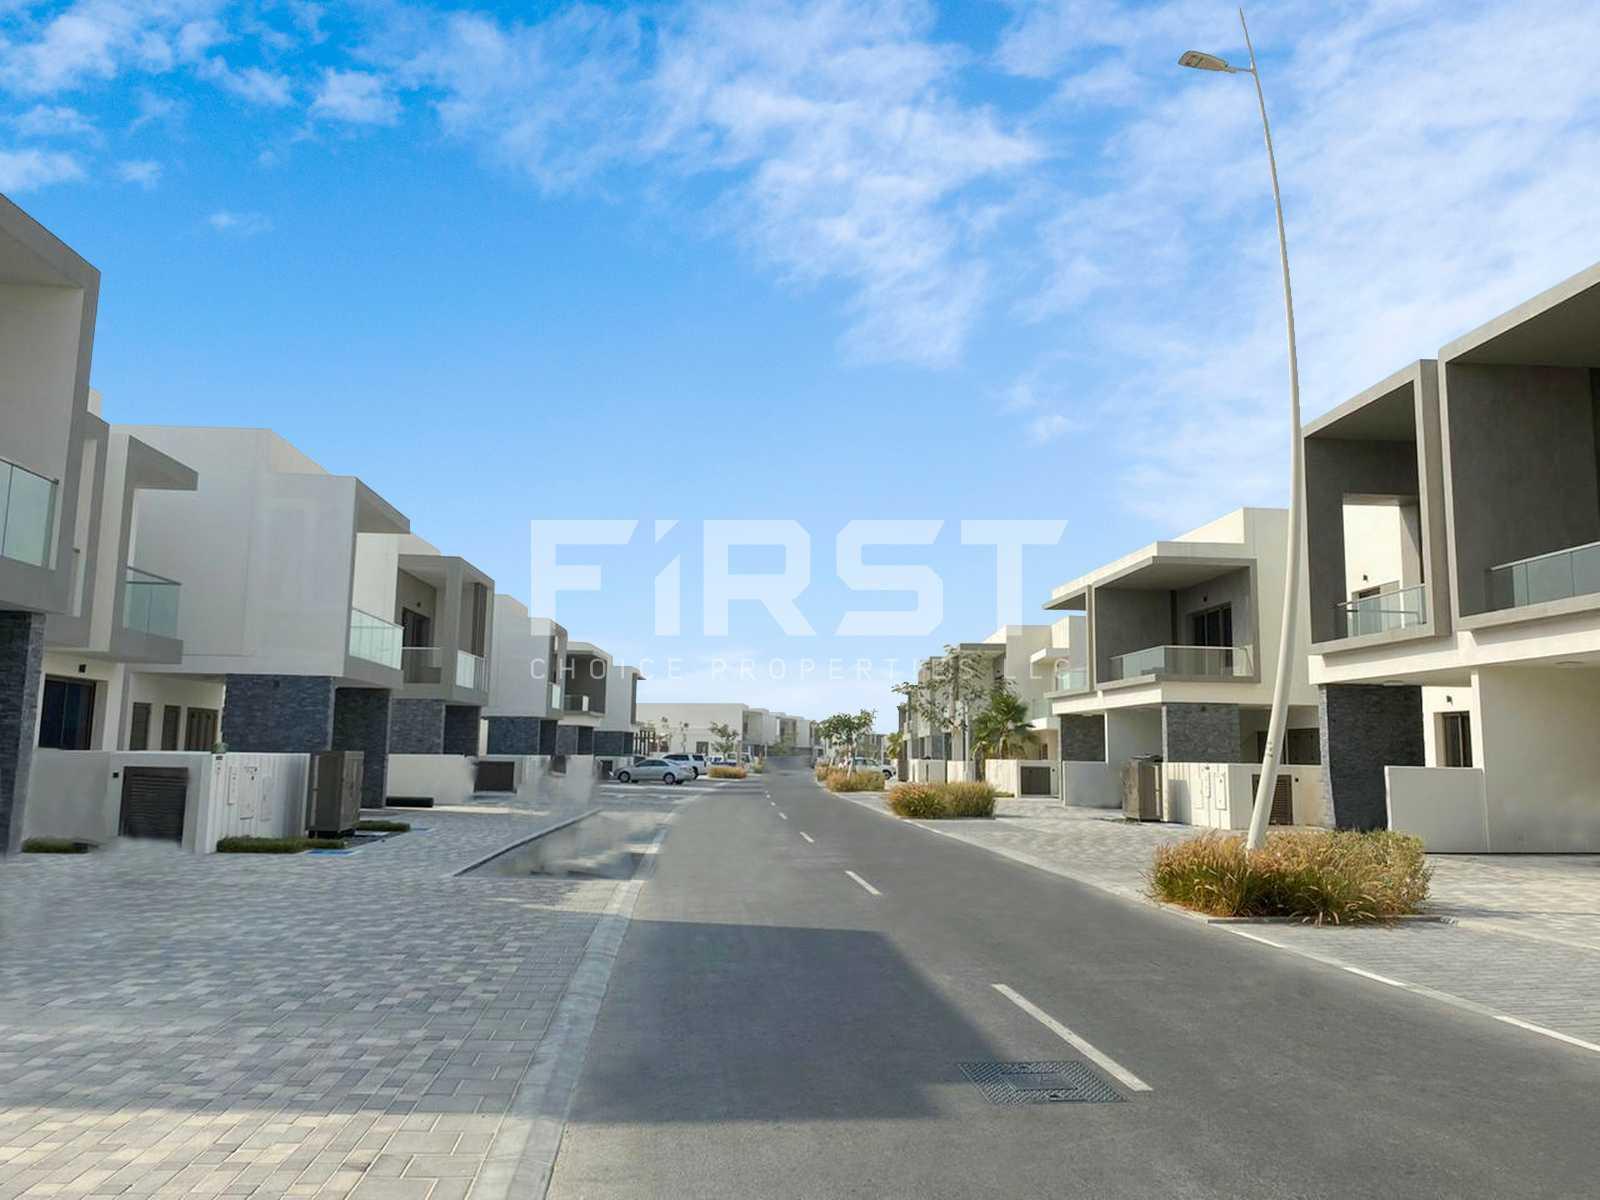 External Photo of 4 Bedroom Duplex Type 4Y in Yas Acres Yas Island AUH UAE (2).jpg